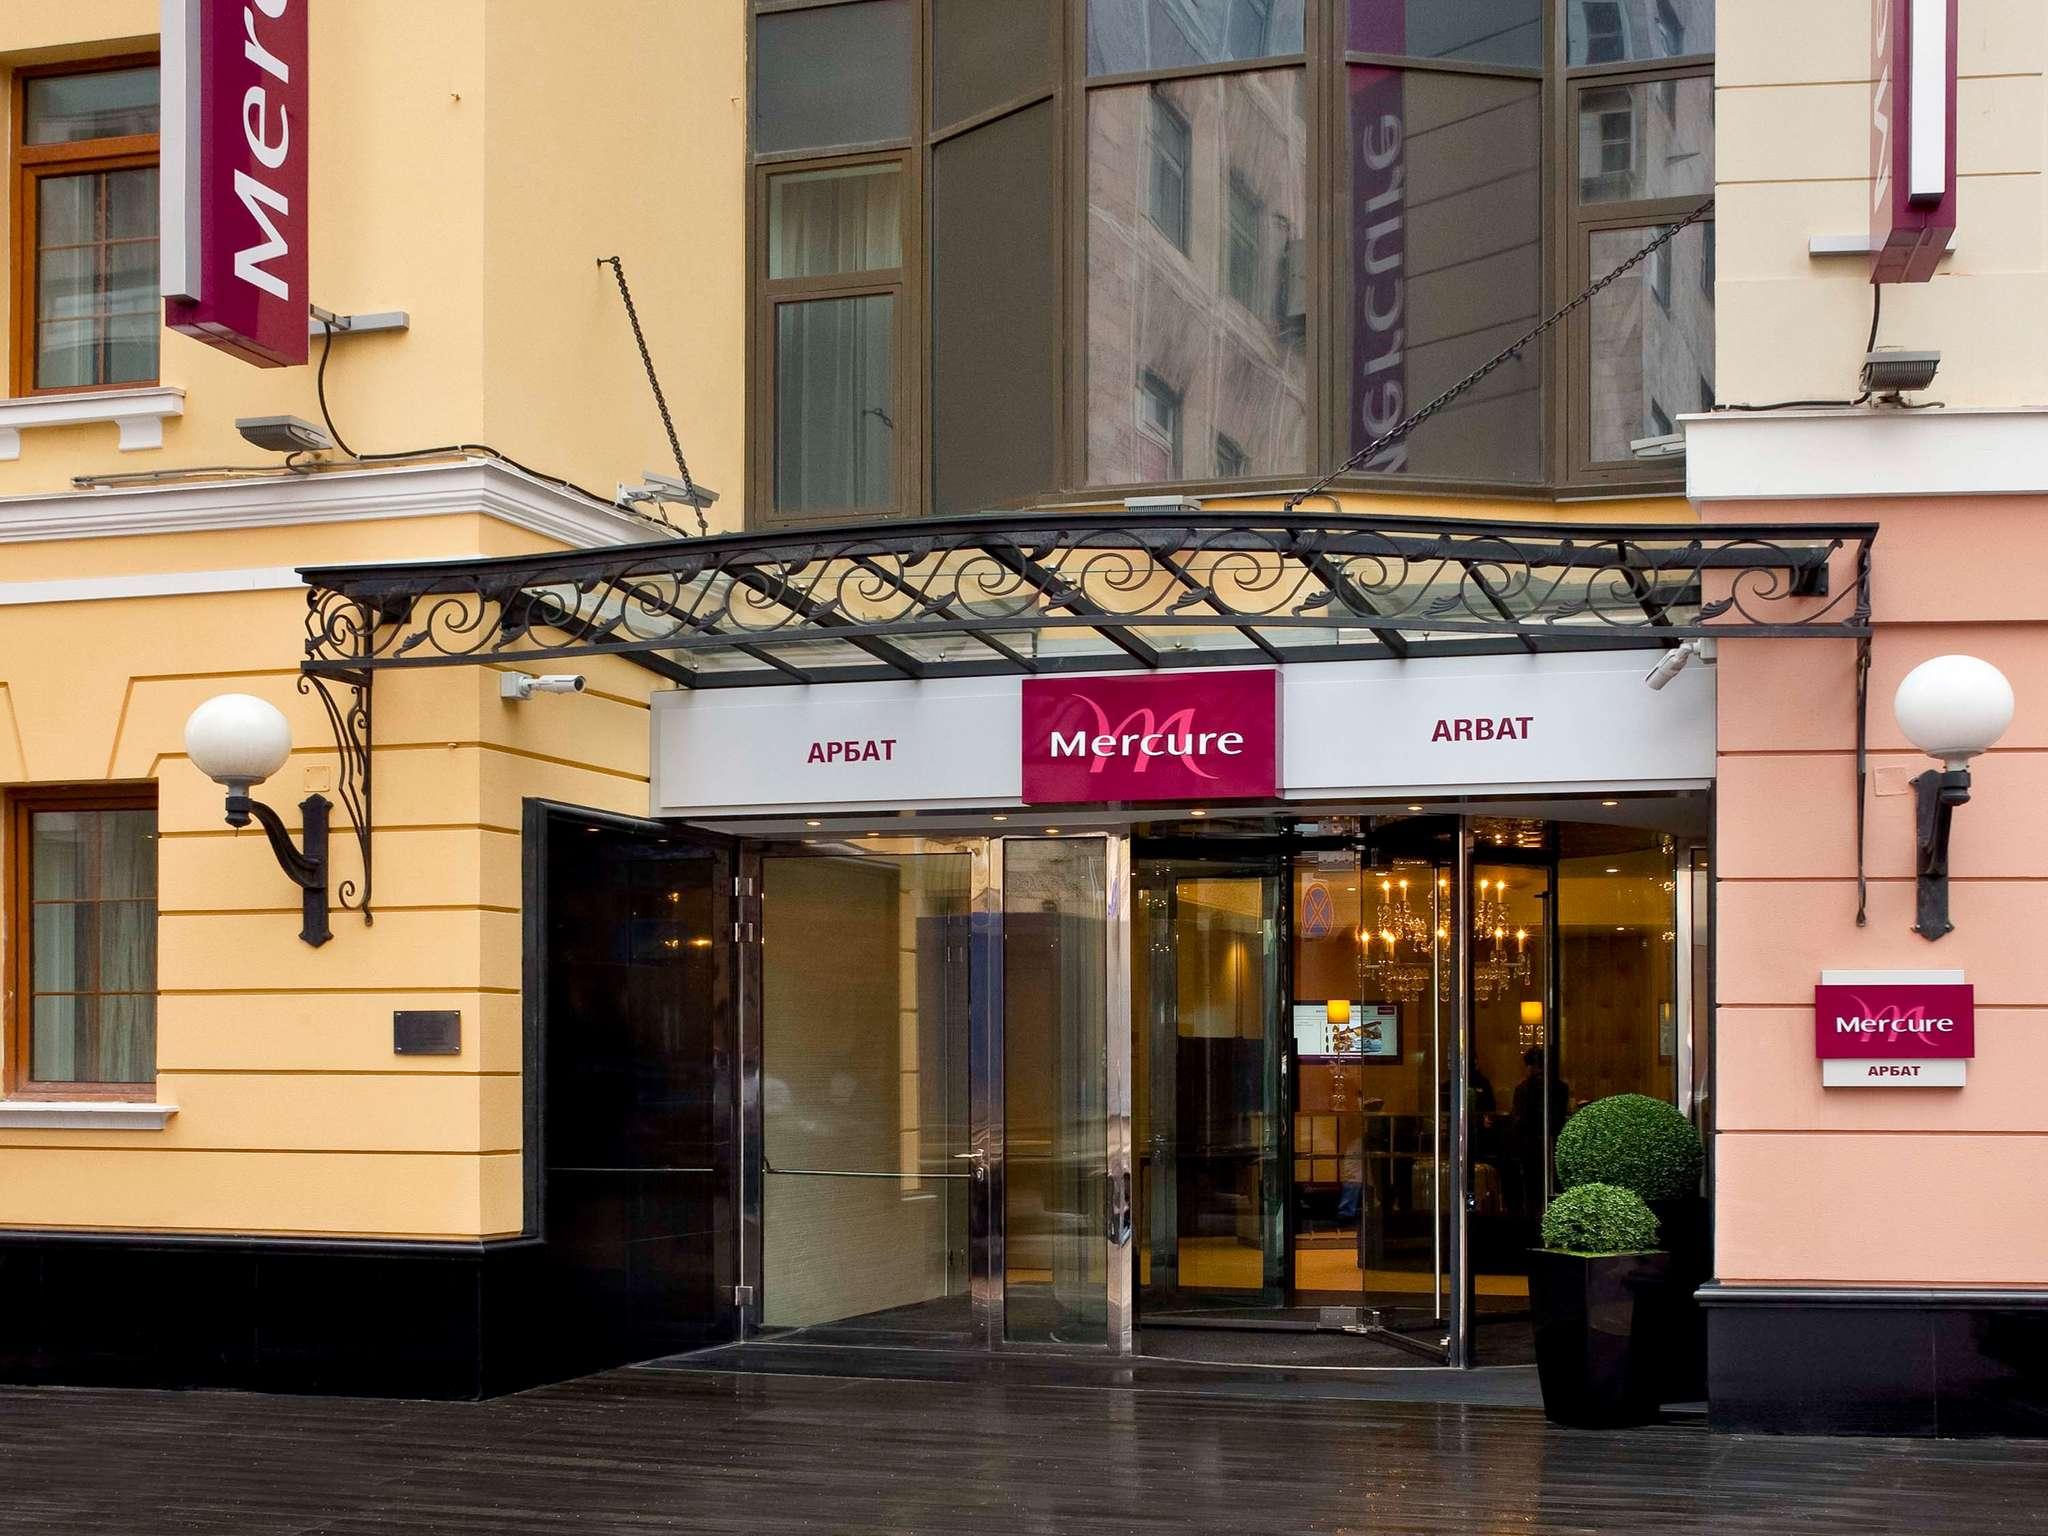 酒店 – 美居莫斯科阿尔巴特酒店